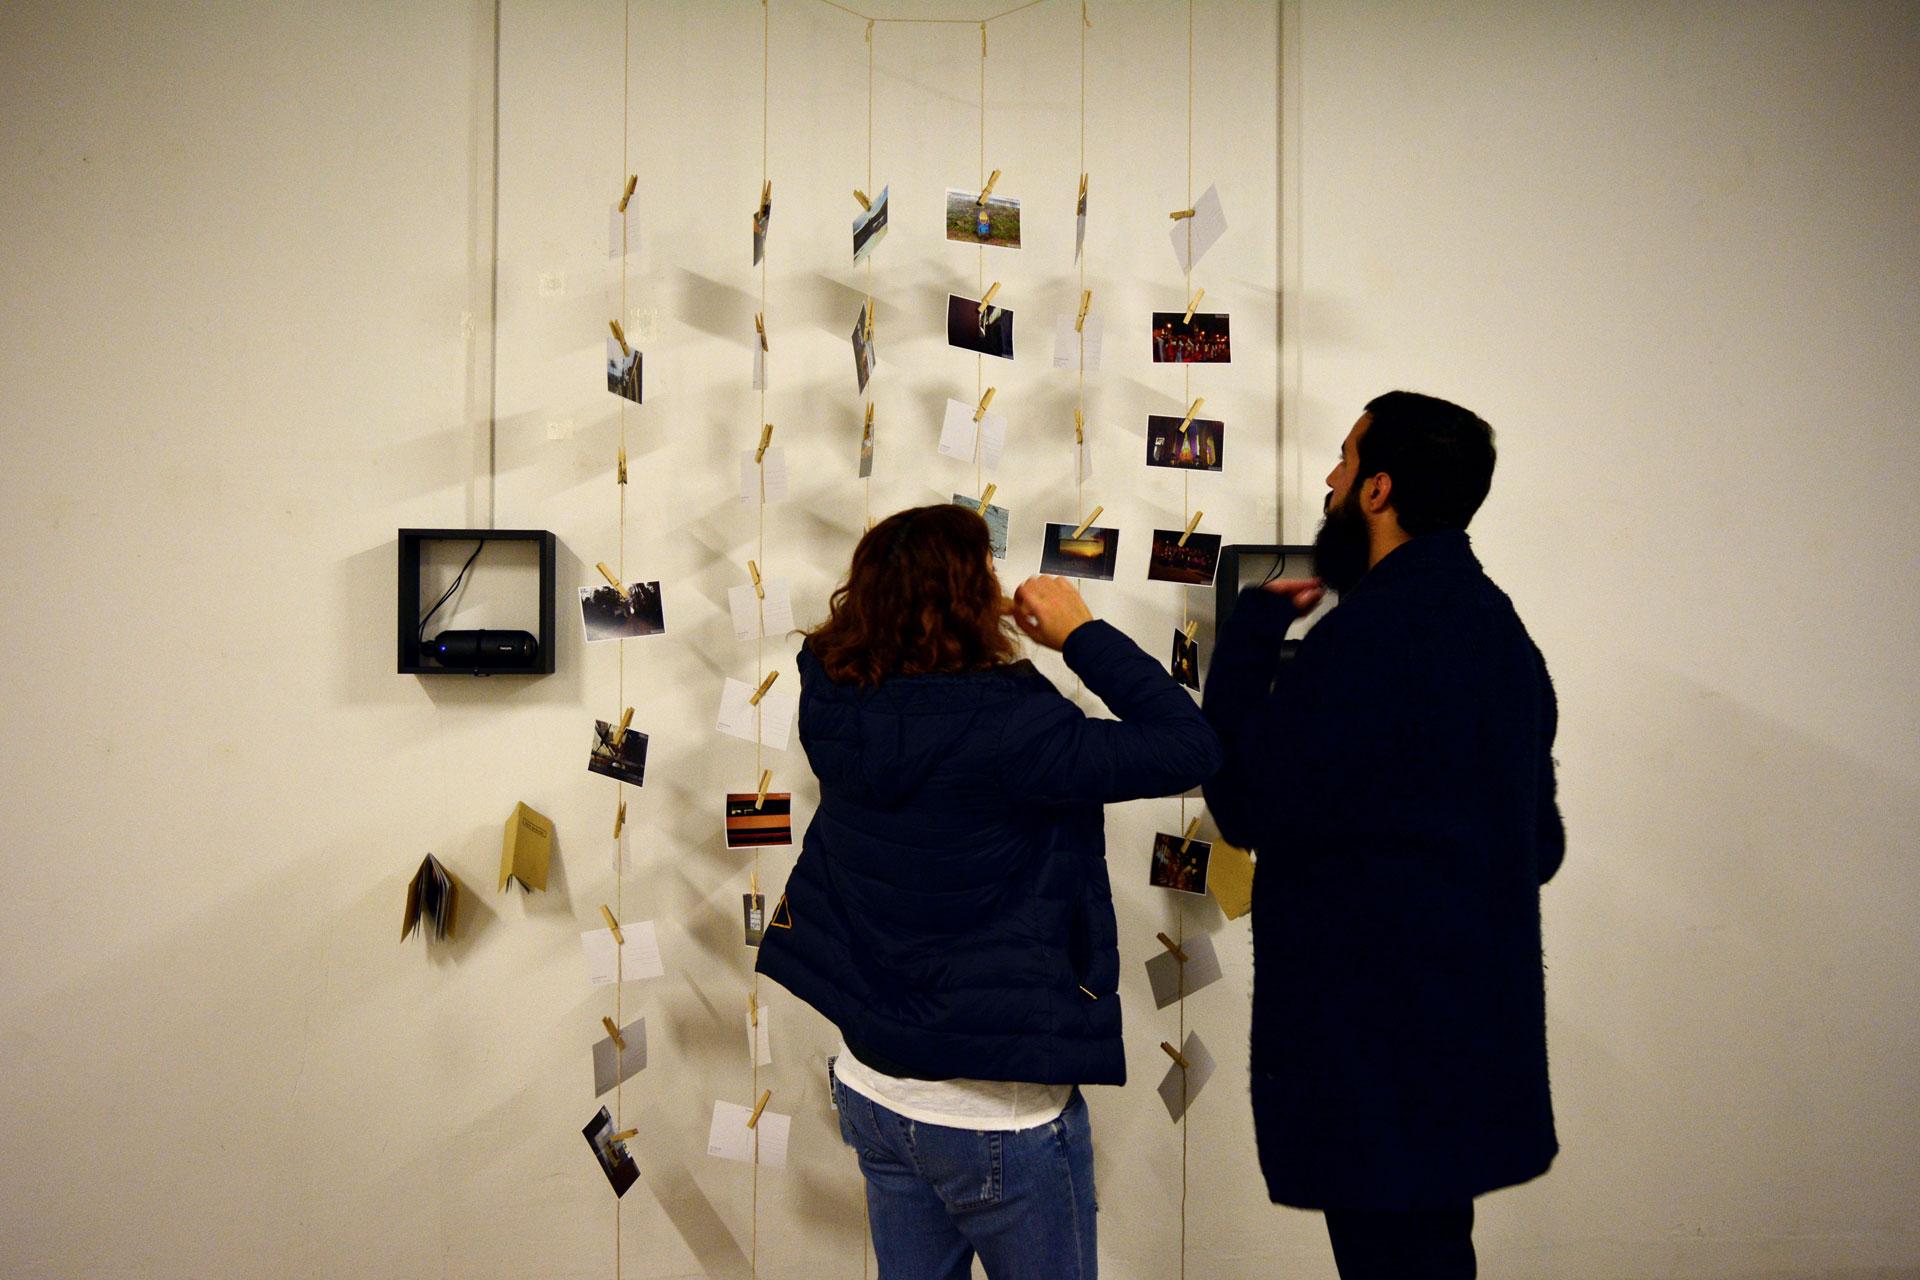 Mariana Pires / ComUM